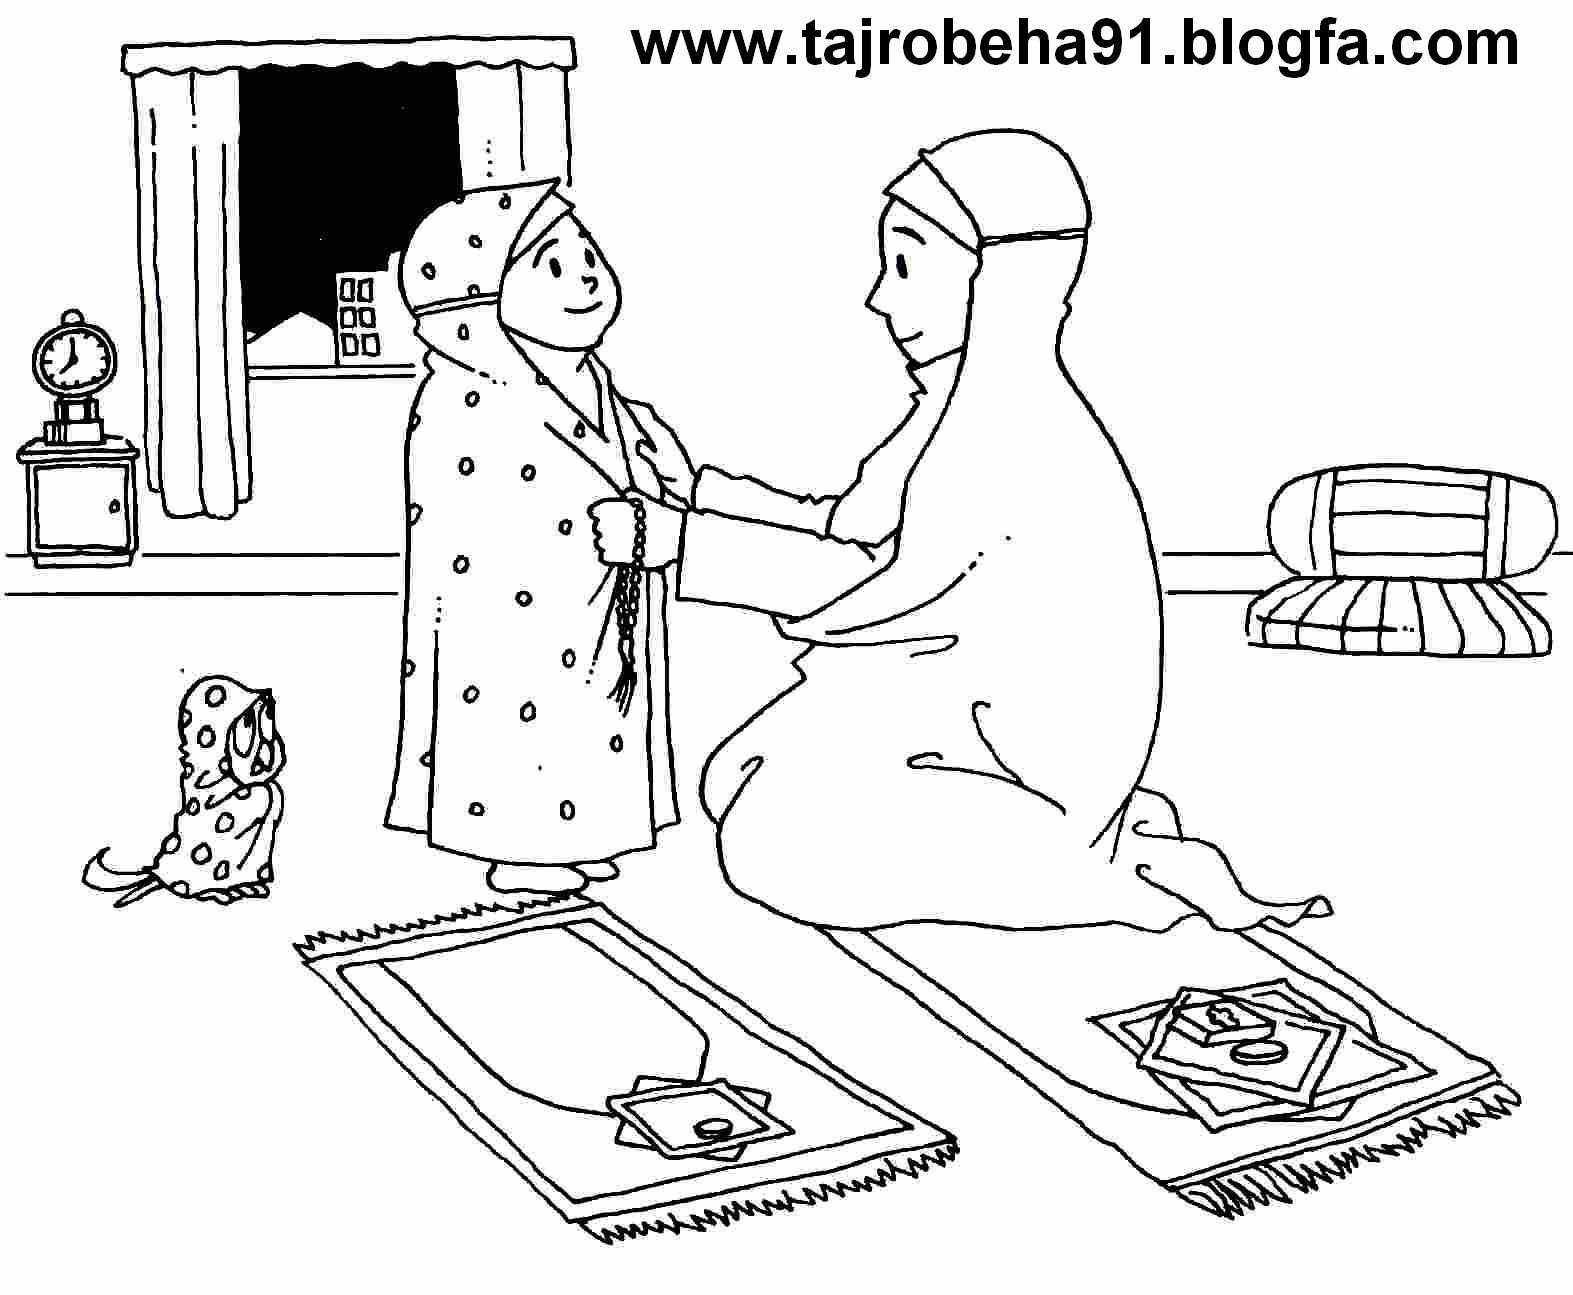 نقاشی حاشیه گل تجربه های آموزشی قرآنی